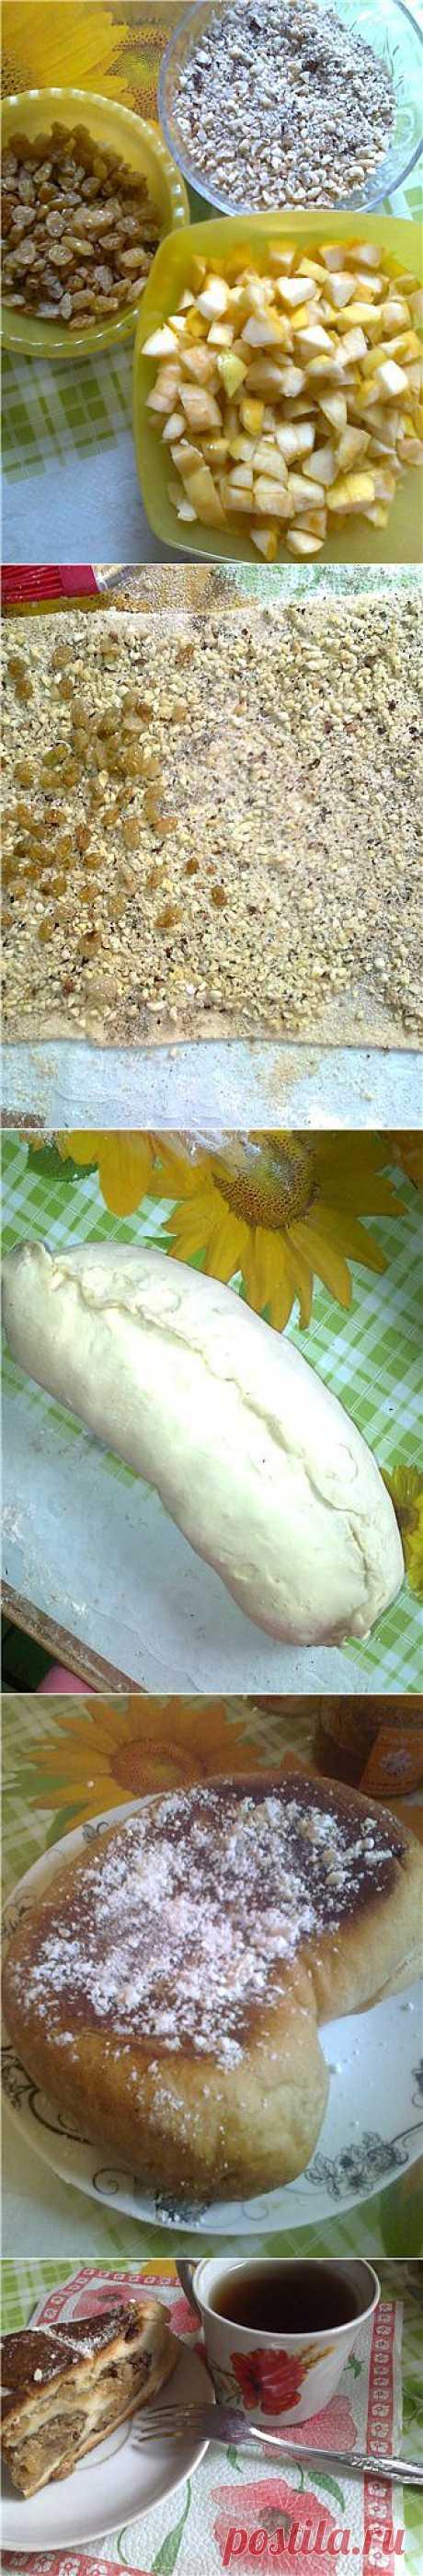 Яблочный штрудель - Блоги - Кроха